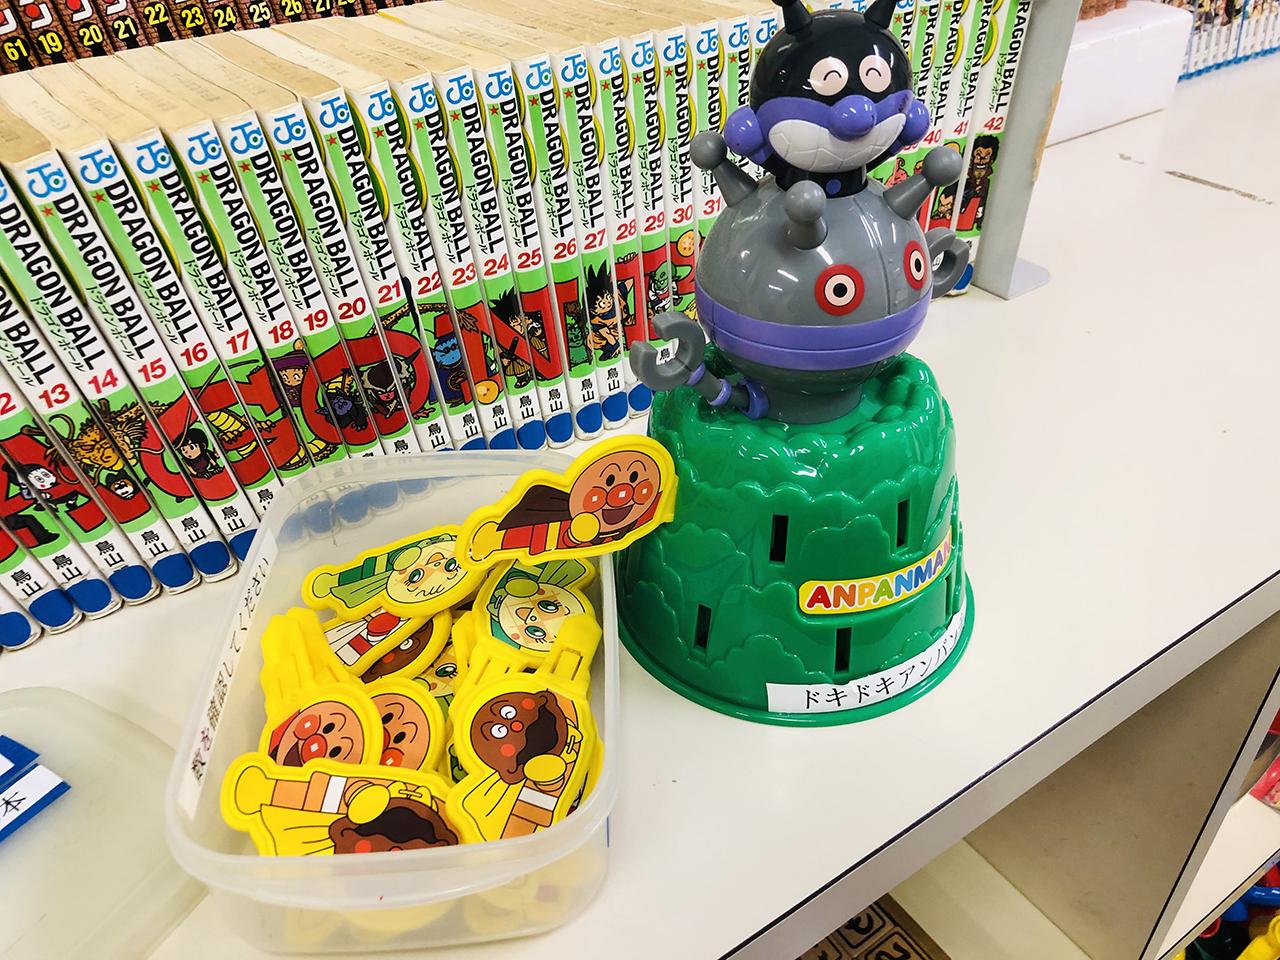 おもちゃや漫画が並んでいる本棚の写真